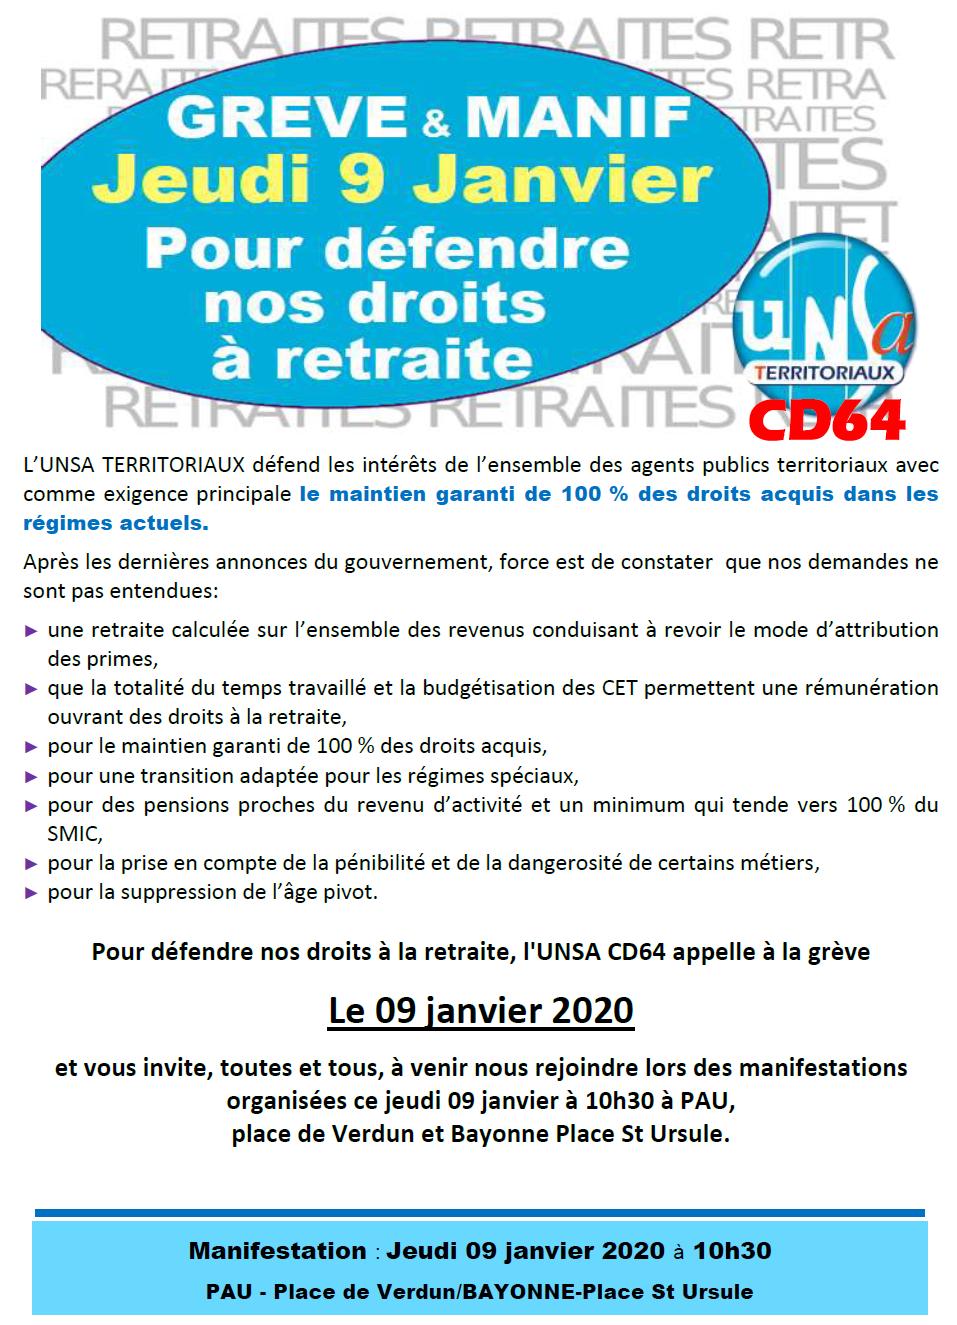 9 janvier 2020 : Grève et Manifestations avec l'UNSA CD64